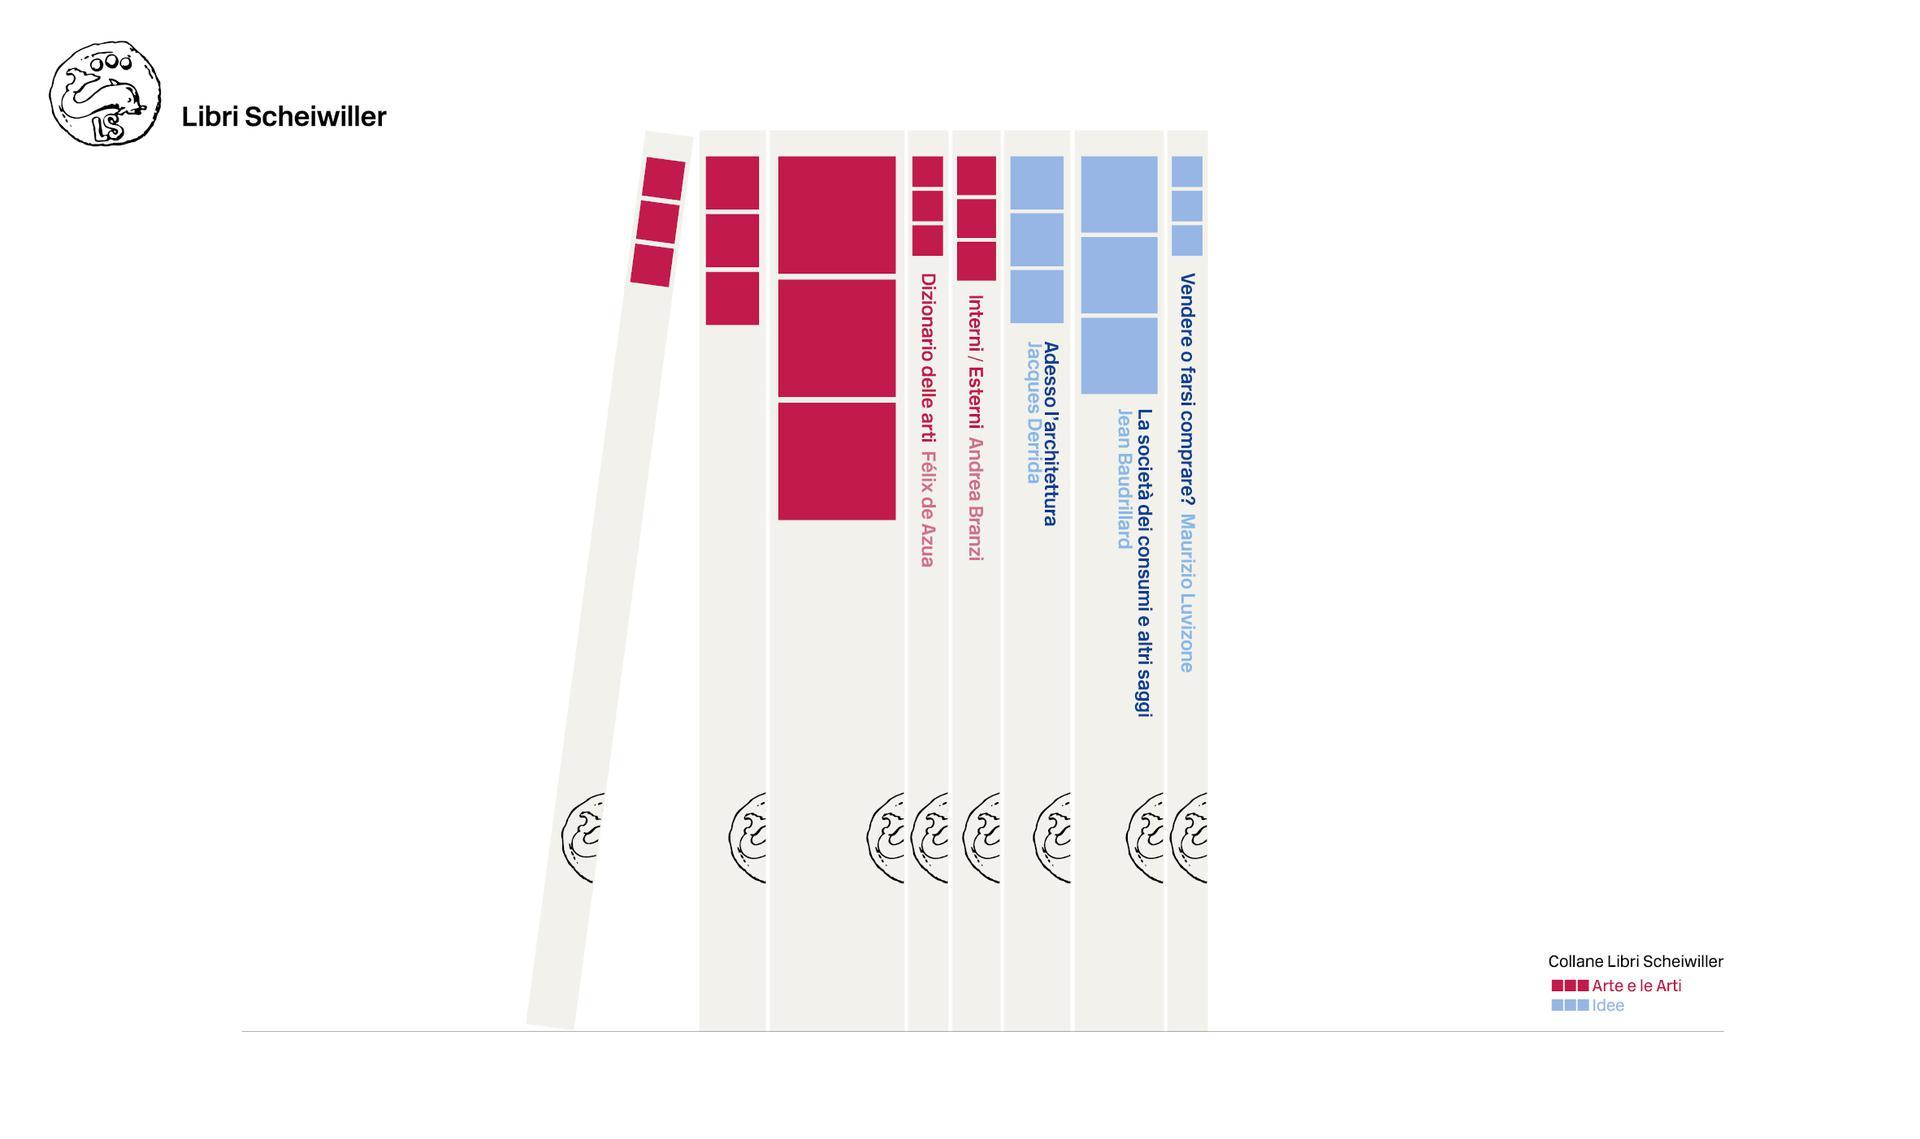 Rinasce lo storico marchio editoriale Libri Scheiwiller, l'editore di Montale e Merini